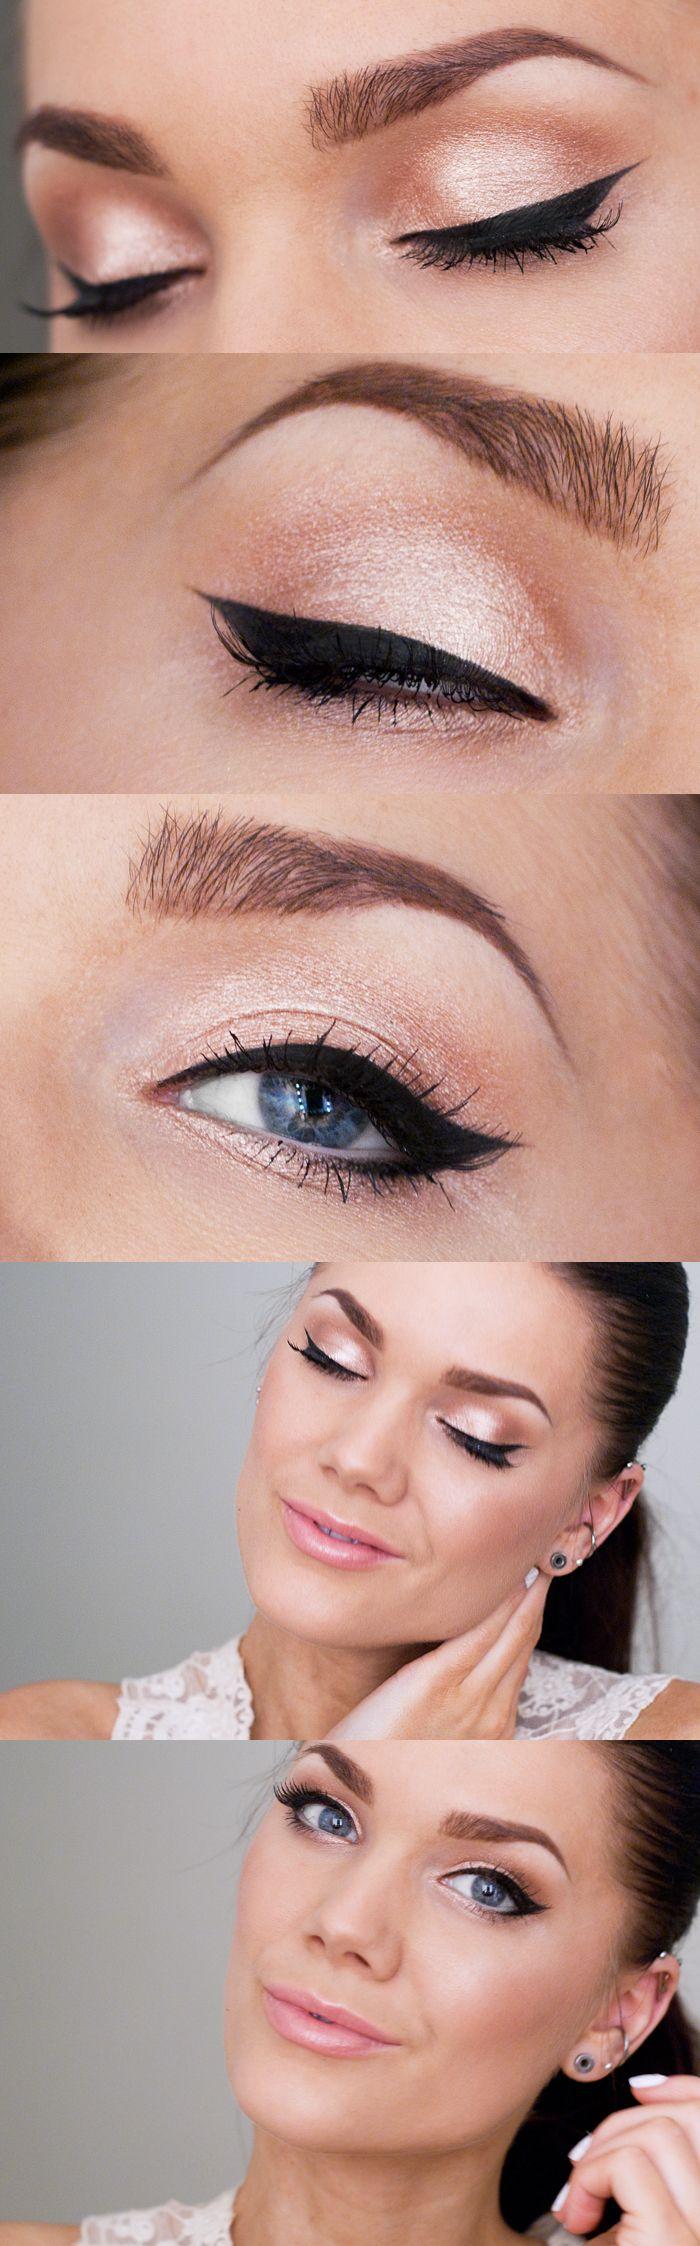 make up + earrings